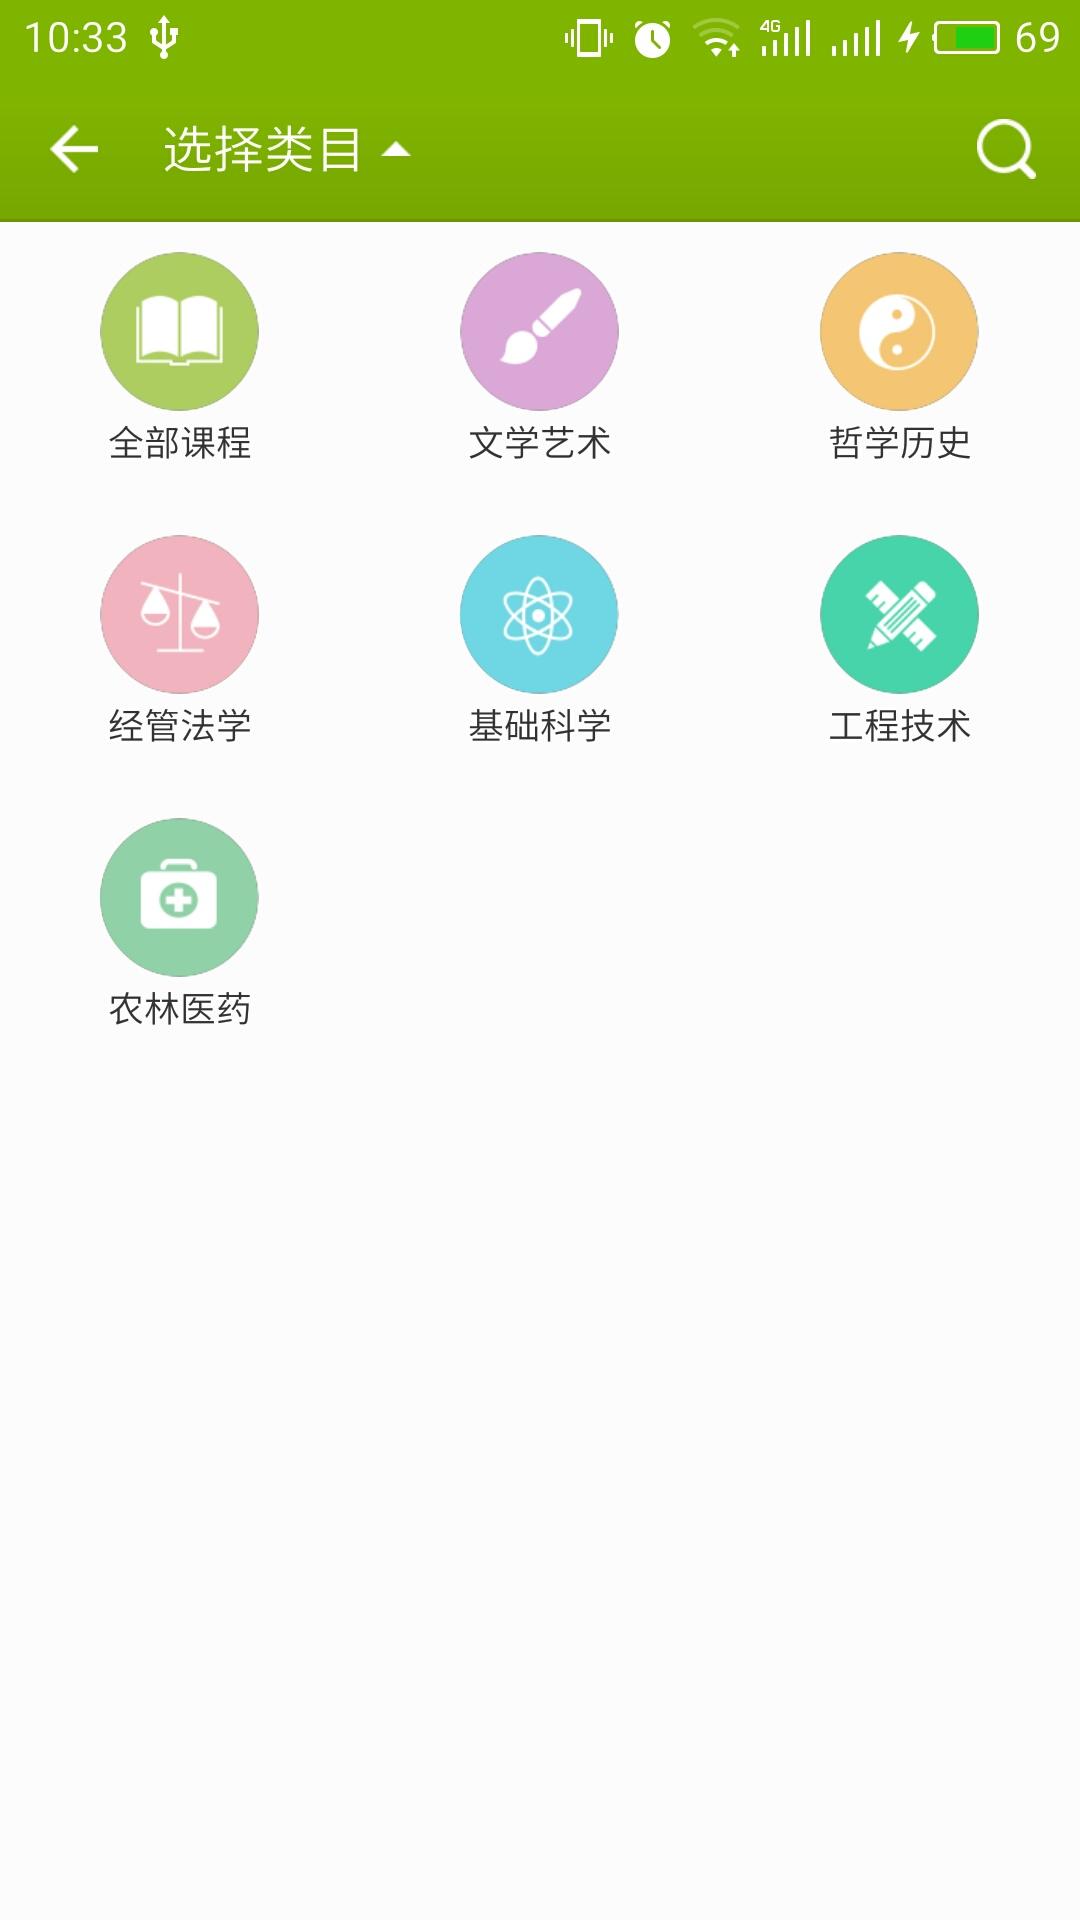 中国大学MOOC